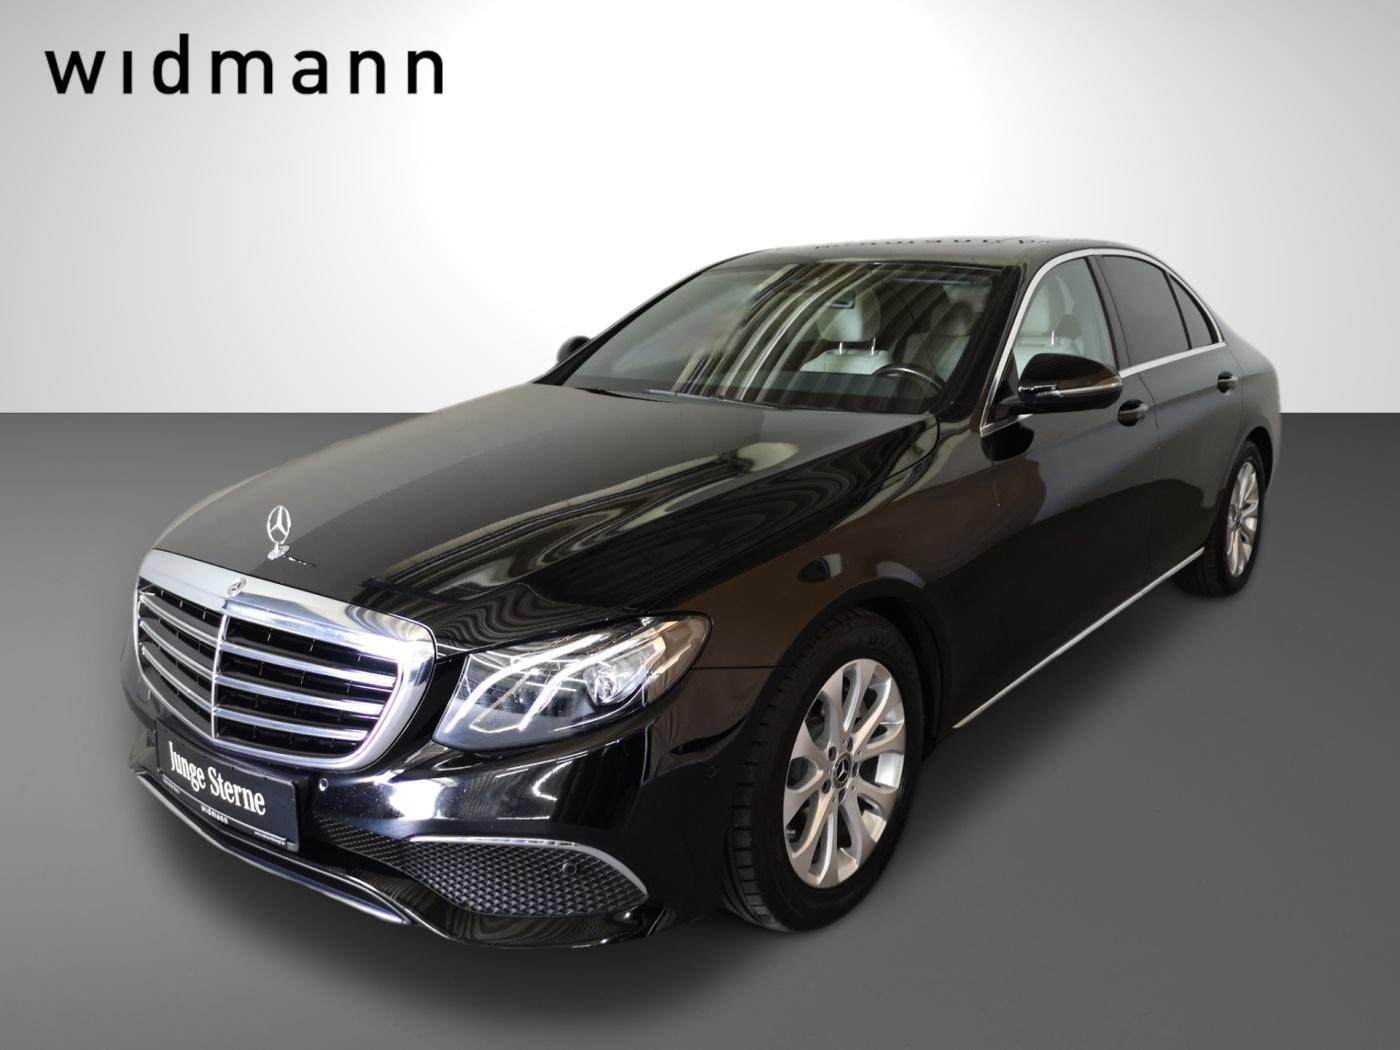 Mercedes-Benz E 300 d Exclusive*Comand*Sitzklima*AHK*Schiebed, Jahr 2019, Diesel